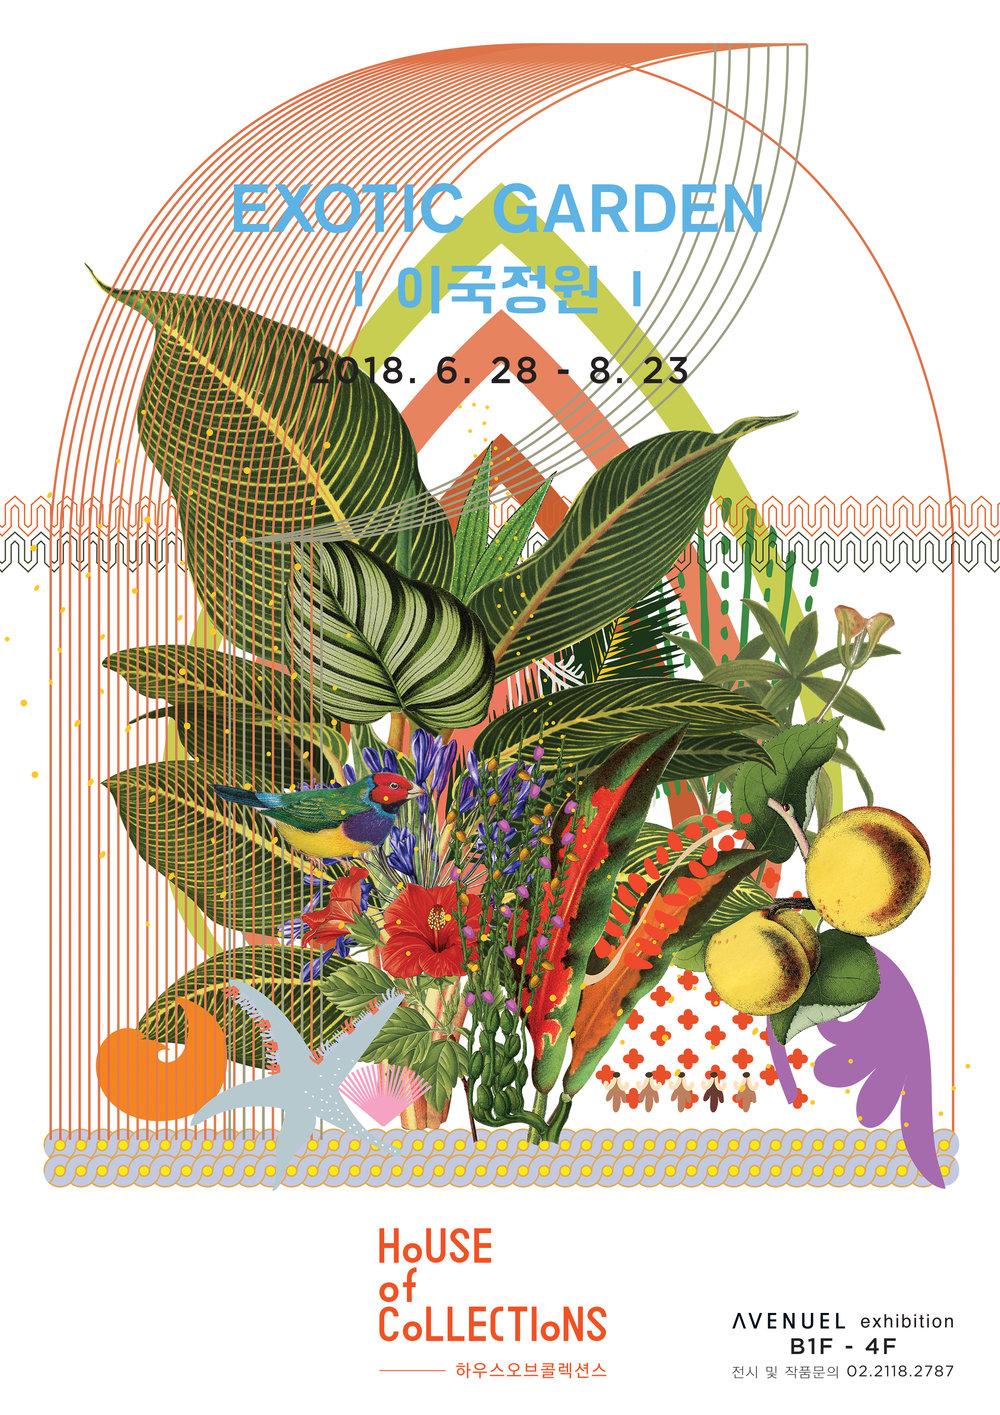 062518_Poster_PaperPrint_A4.jpg